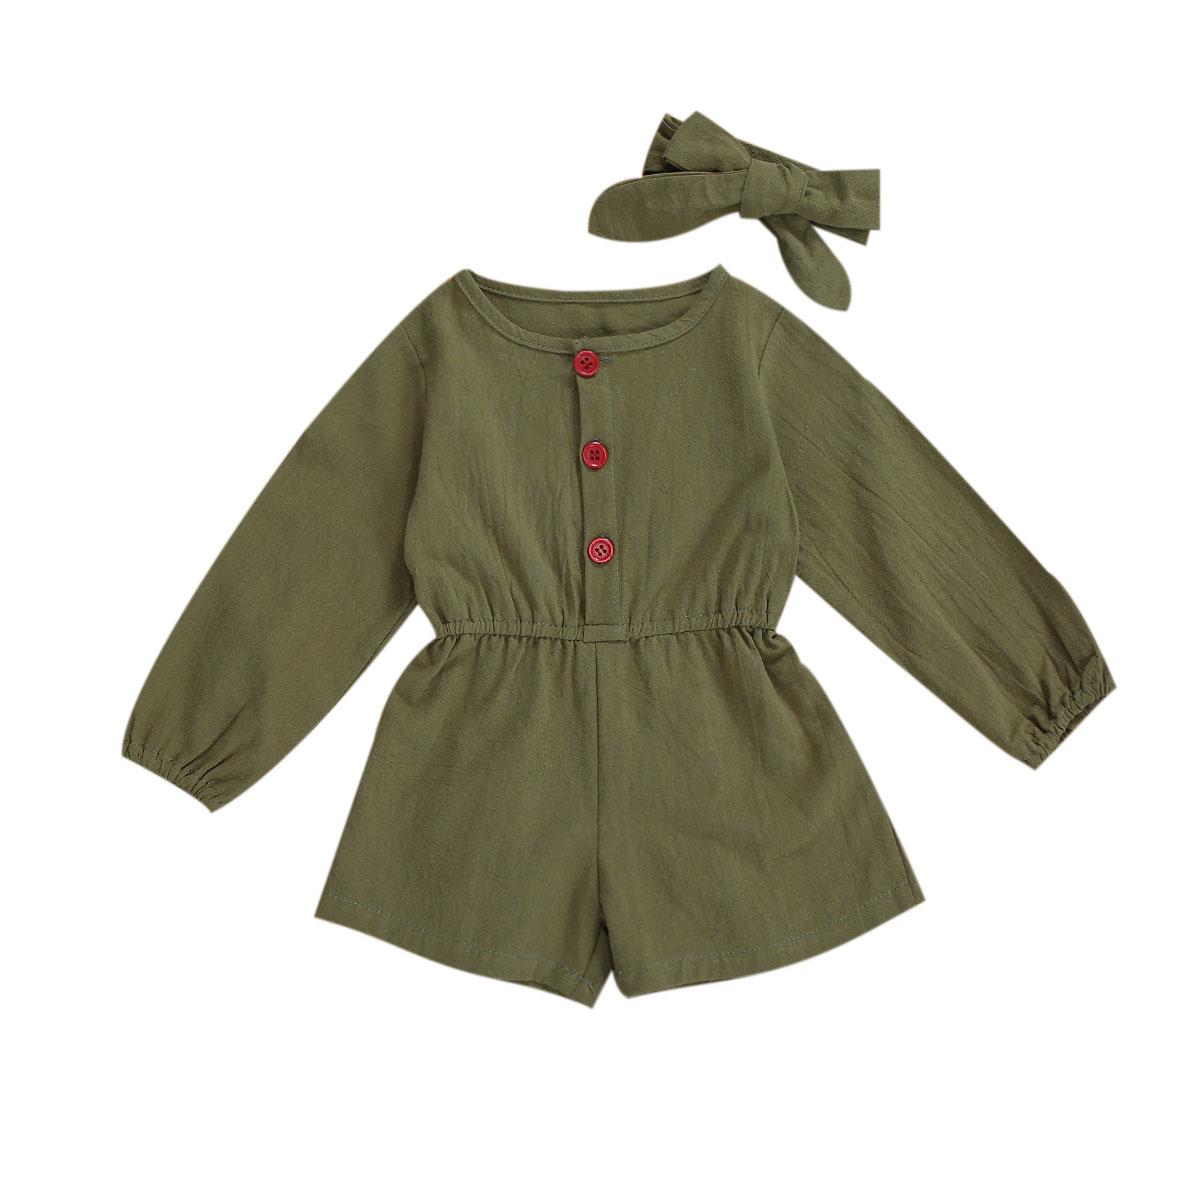 2020 0-3Y automne enfants bébé fille barboteuse avec bandeau armée vert à manches longues tunique combinaison combishort 2 pièces coton vêtements